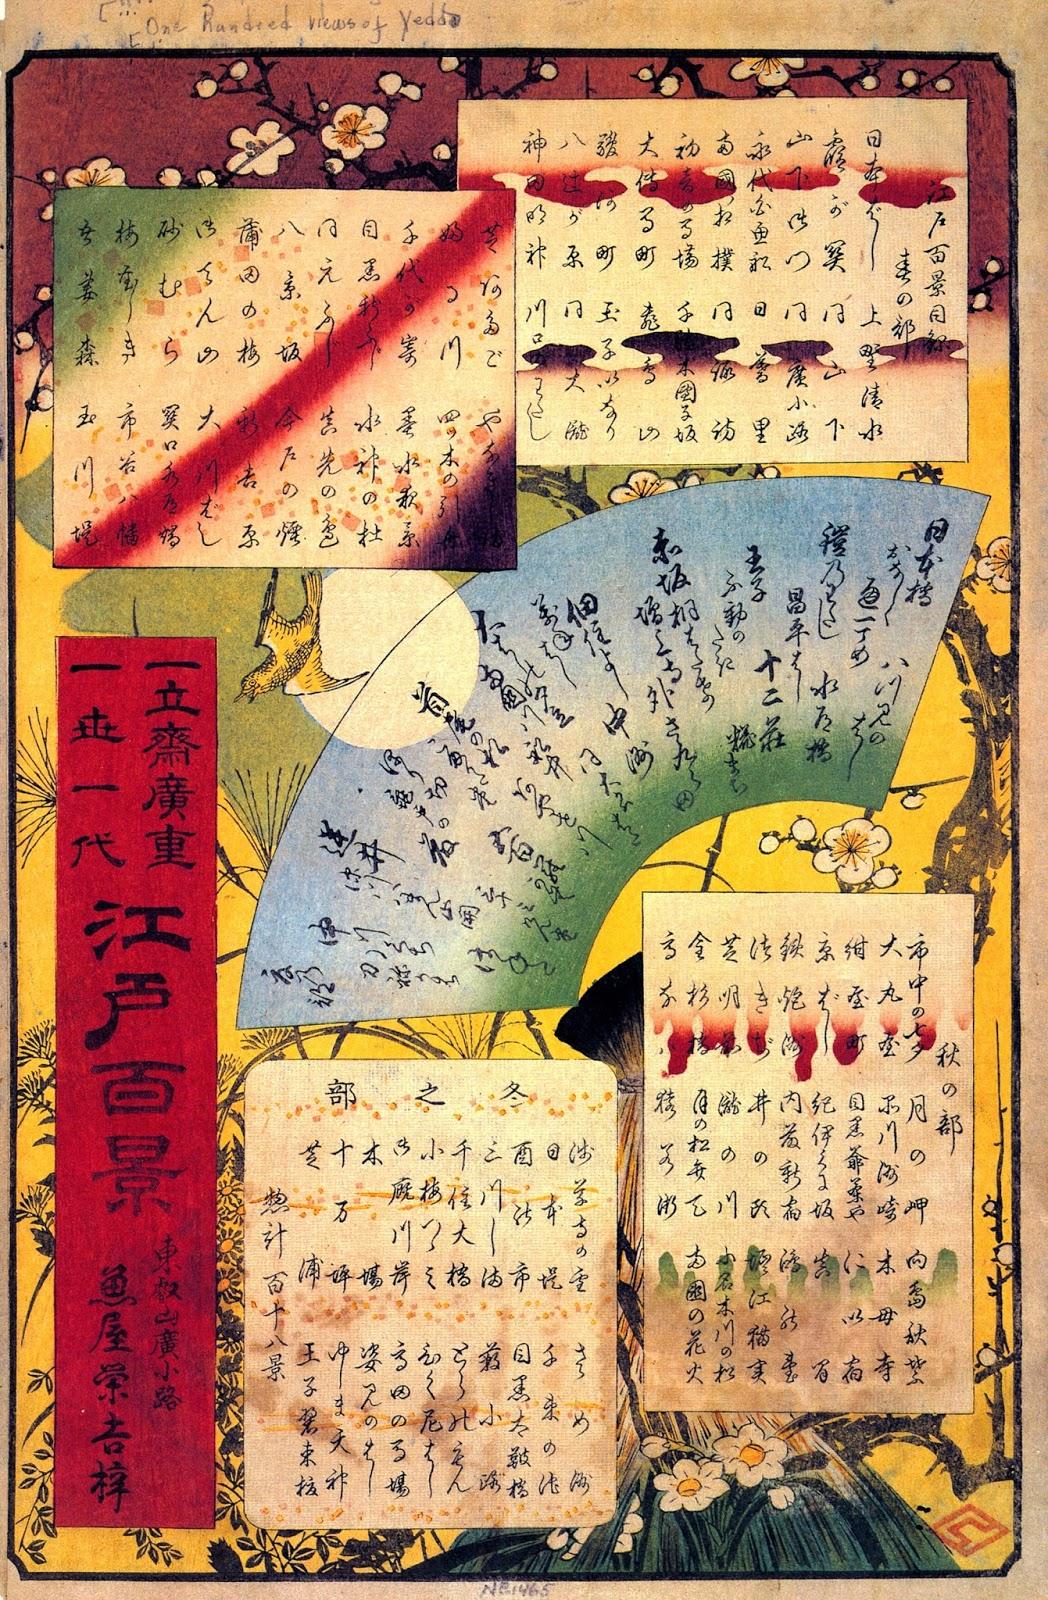 ©Utagawa Hiroshige - Cien famosas vistas de Edo. Primavera. Ilustración | xilografia | ukiyo-e. Este indice Fue obra de Baisotei Gengyo, a petición del editor tras la muerte del artista –su sello, de forma romboidal, se encuentra situado en la parte inferior a la derecha–. En la parte superior aparecen dos rectángulos donde figuran los títulos de las láminas dedicadas a la primavera, los más numerosos (42); debajo, en forma de abanico, aparecen las estampas del verano (30); los dos rectángulos inferiores se refieren al otoño (26) y al invierno (20). En la cartela roja de la izquierda aparece el título de la serie y el nombre Ichiryūsai Hiroshige –uno de los primeros nombres artísticos del maestro–, y se dice que es su obra más representativa (issei ichidai); también aparece el nombre del editor, Sakanaya Eikichi, y su dirección, Tōeizan Hirokōji. El fondo presenta motivos alusivos a las estaciones: un ciruelo en flor para la primavera, un pájaro hototogisu («cucú japonés») y la luna para el verano, y un pajar con siete tipos de hierbas para el otoño y el invierno. La caligrafía está elaborada con un tipo de escritura dispersa denominado chirashigaki, propio de las antologías poéticas.17